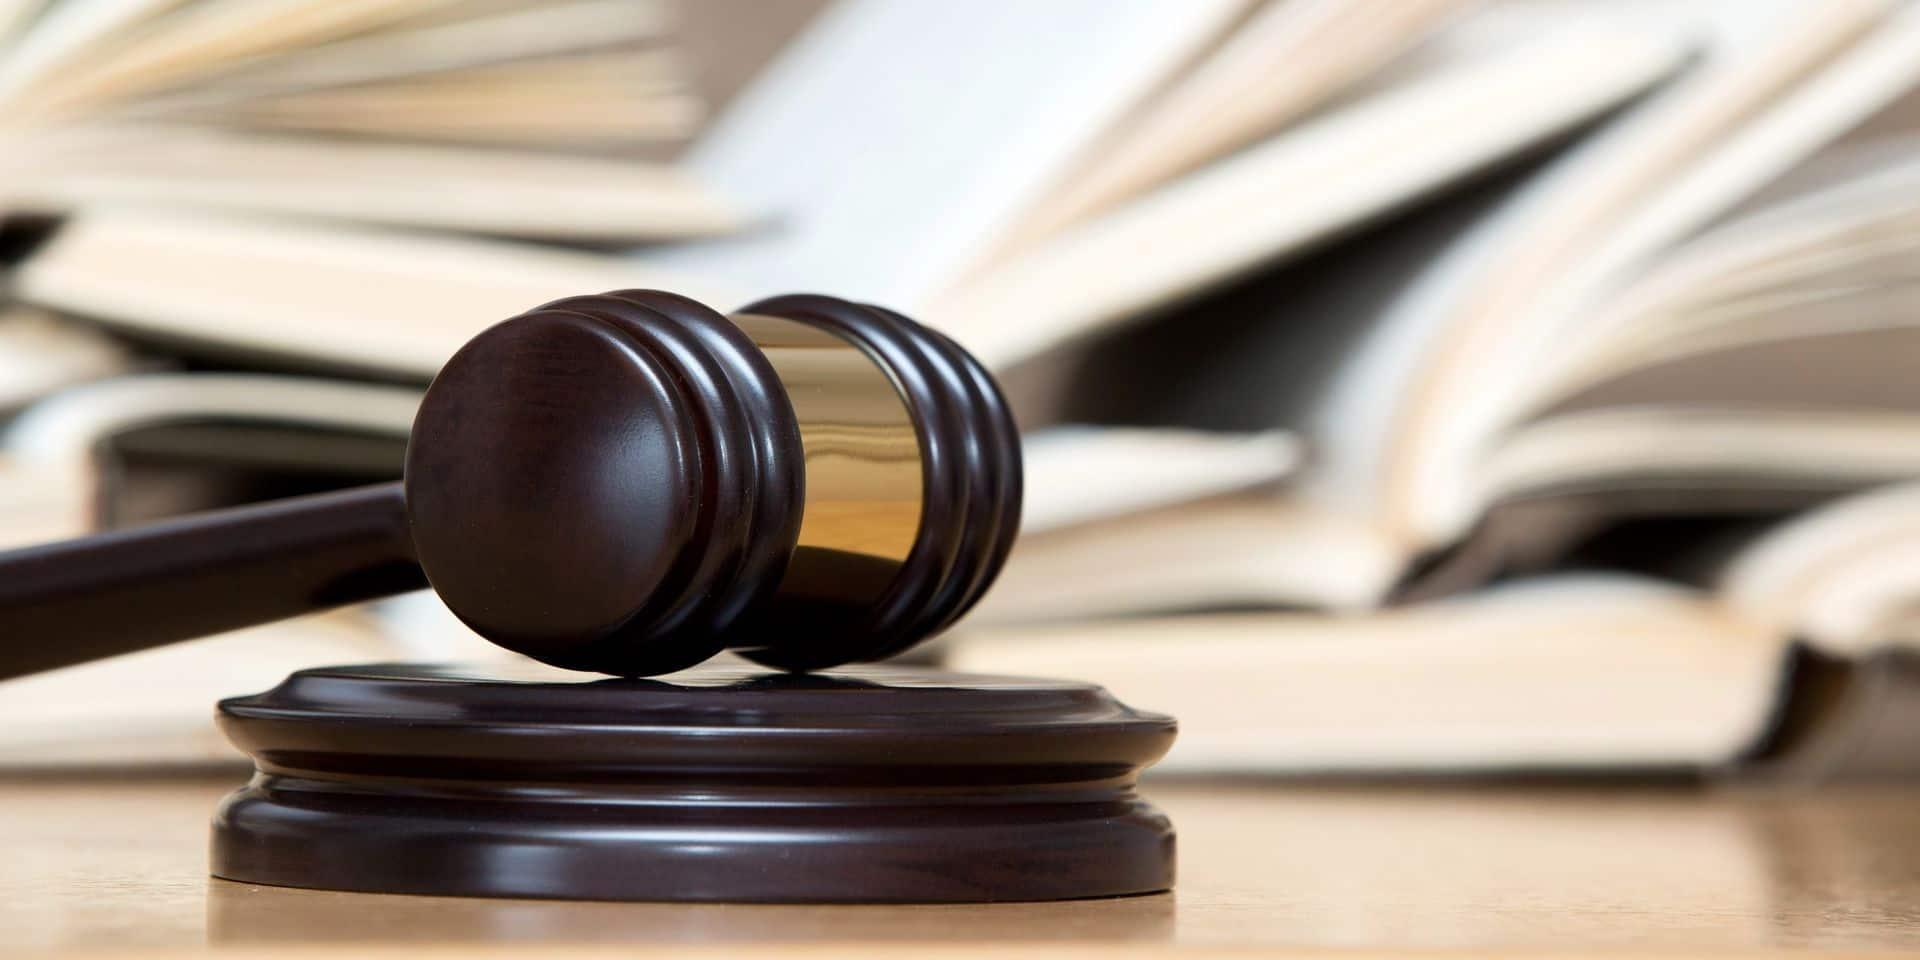 Croquis de justice: le trafic de drogue pour seul horizon